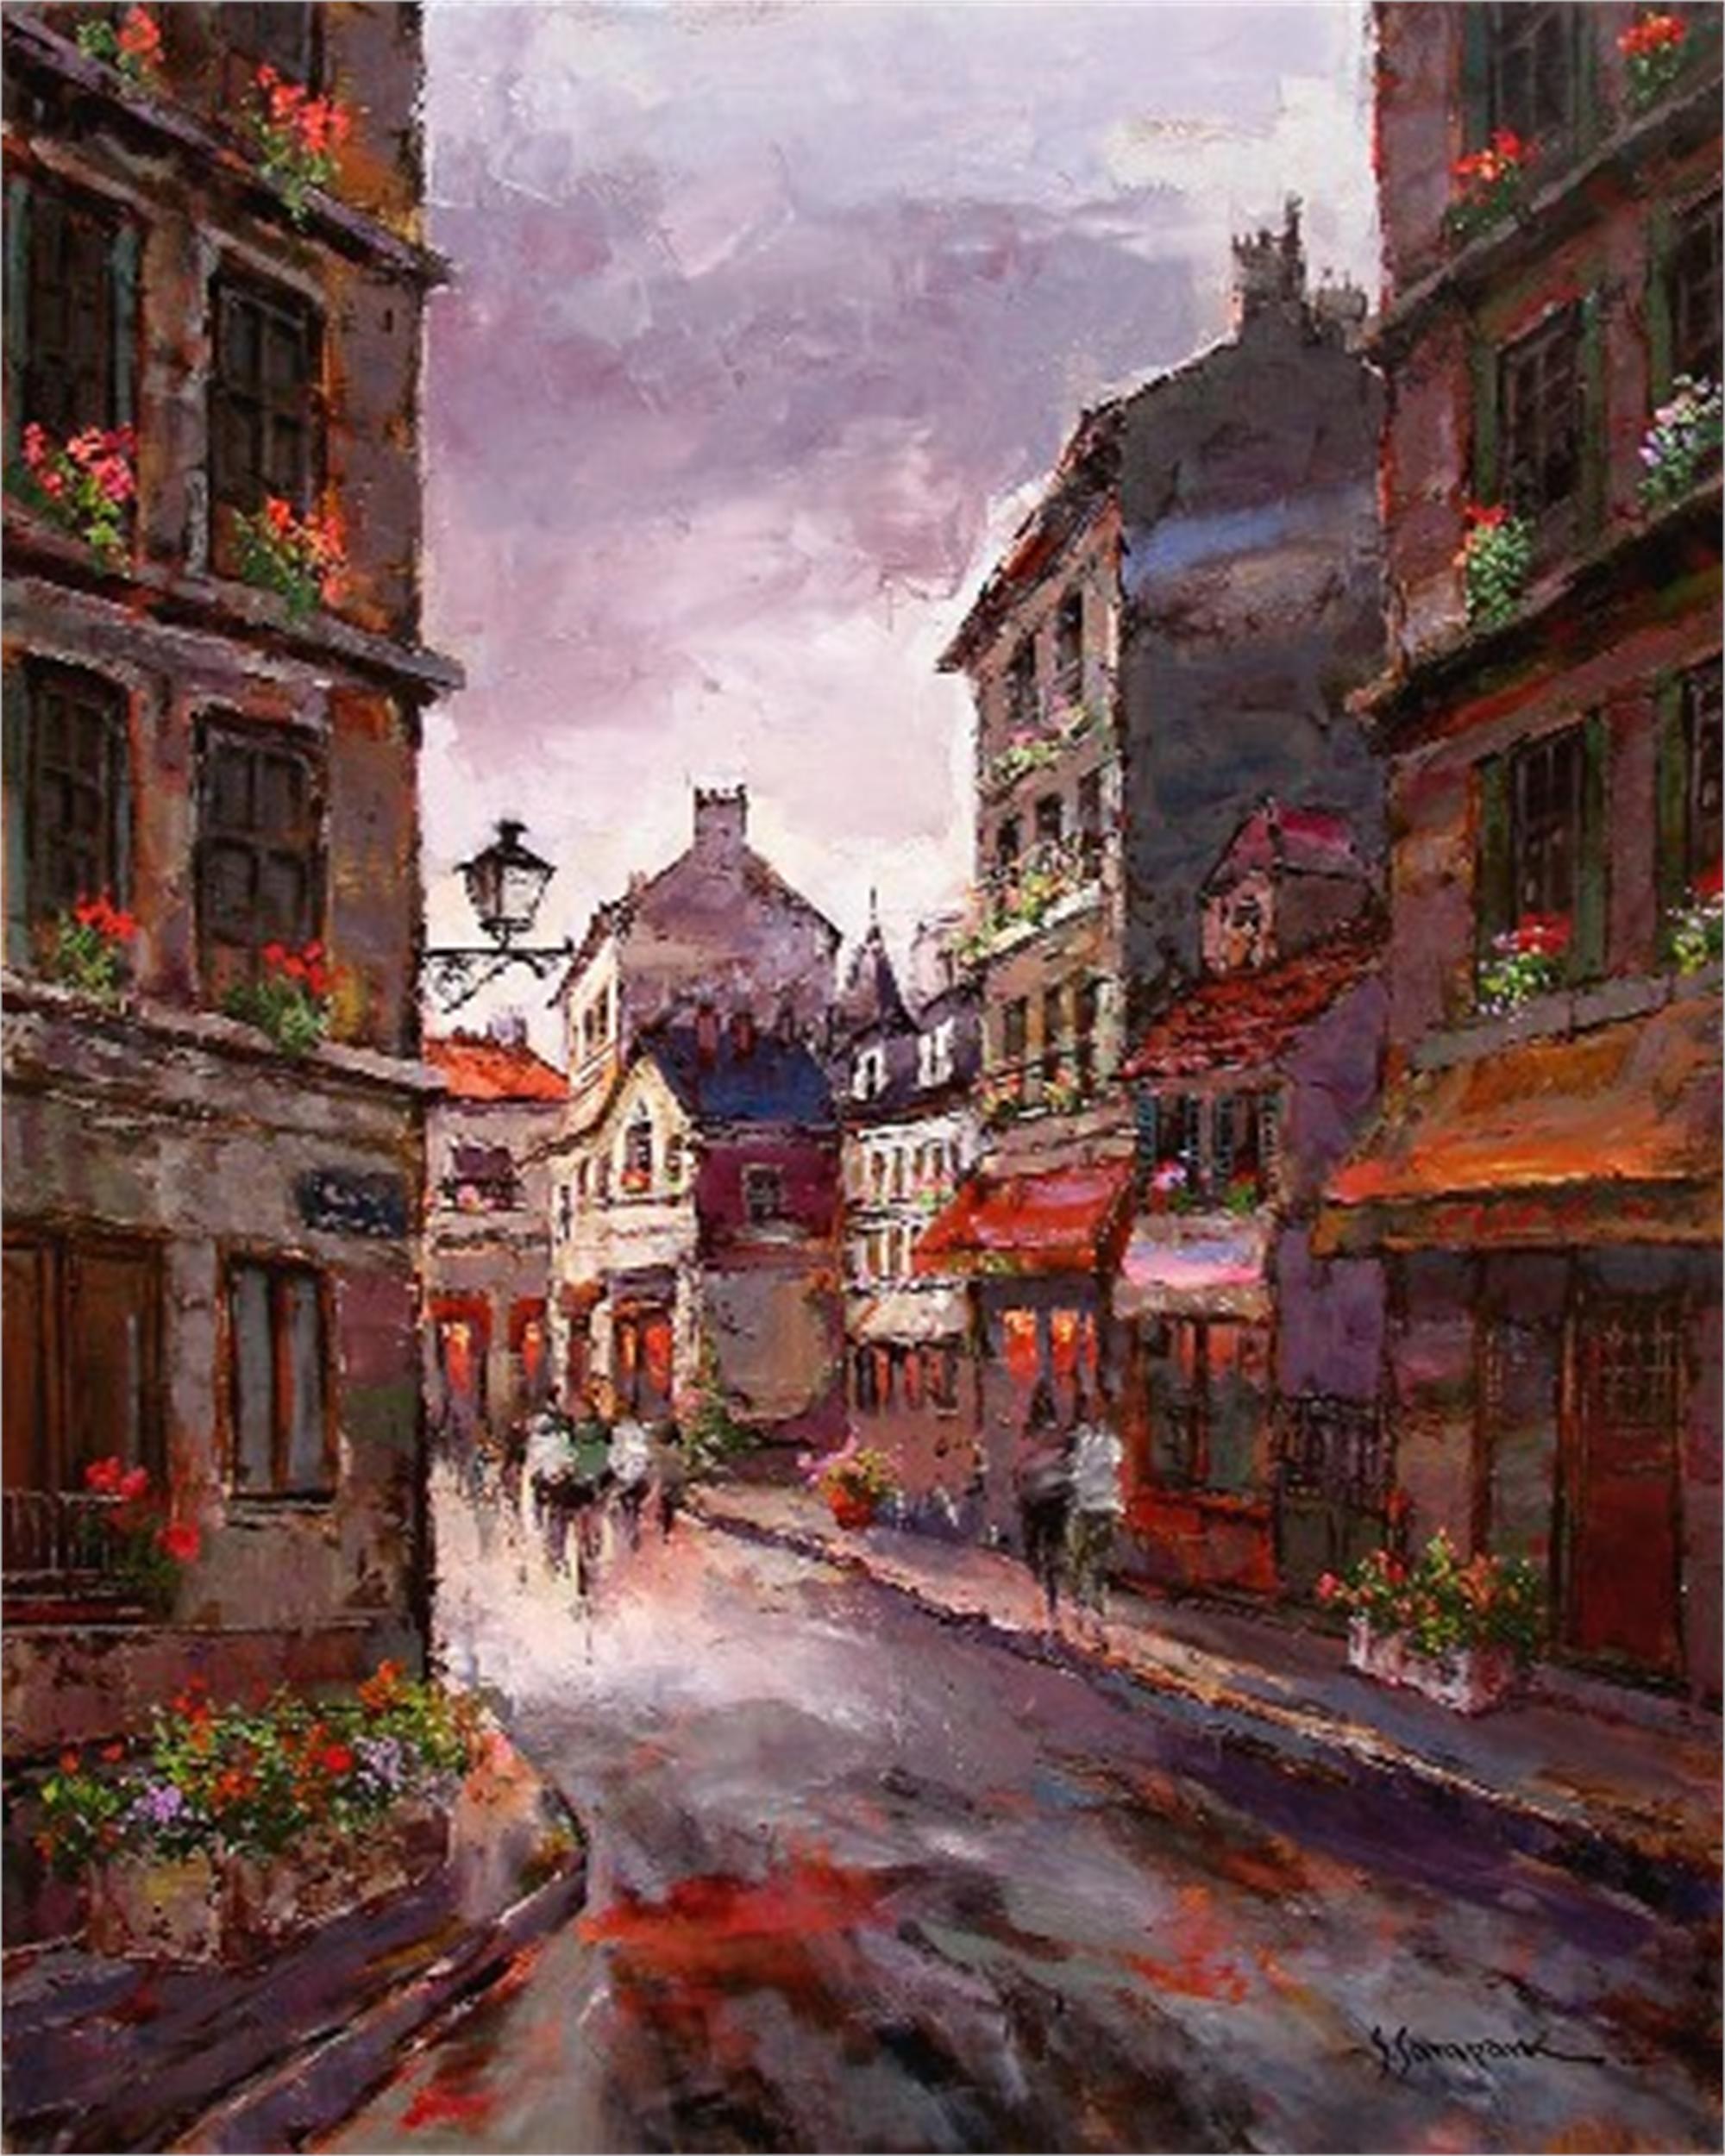 PARIS ST. SCENE by S. PARK